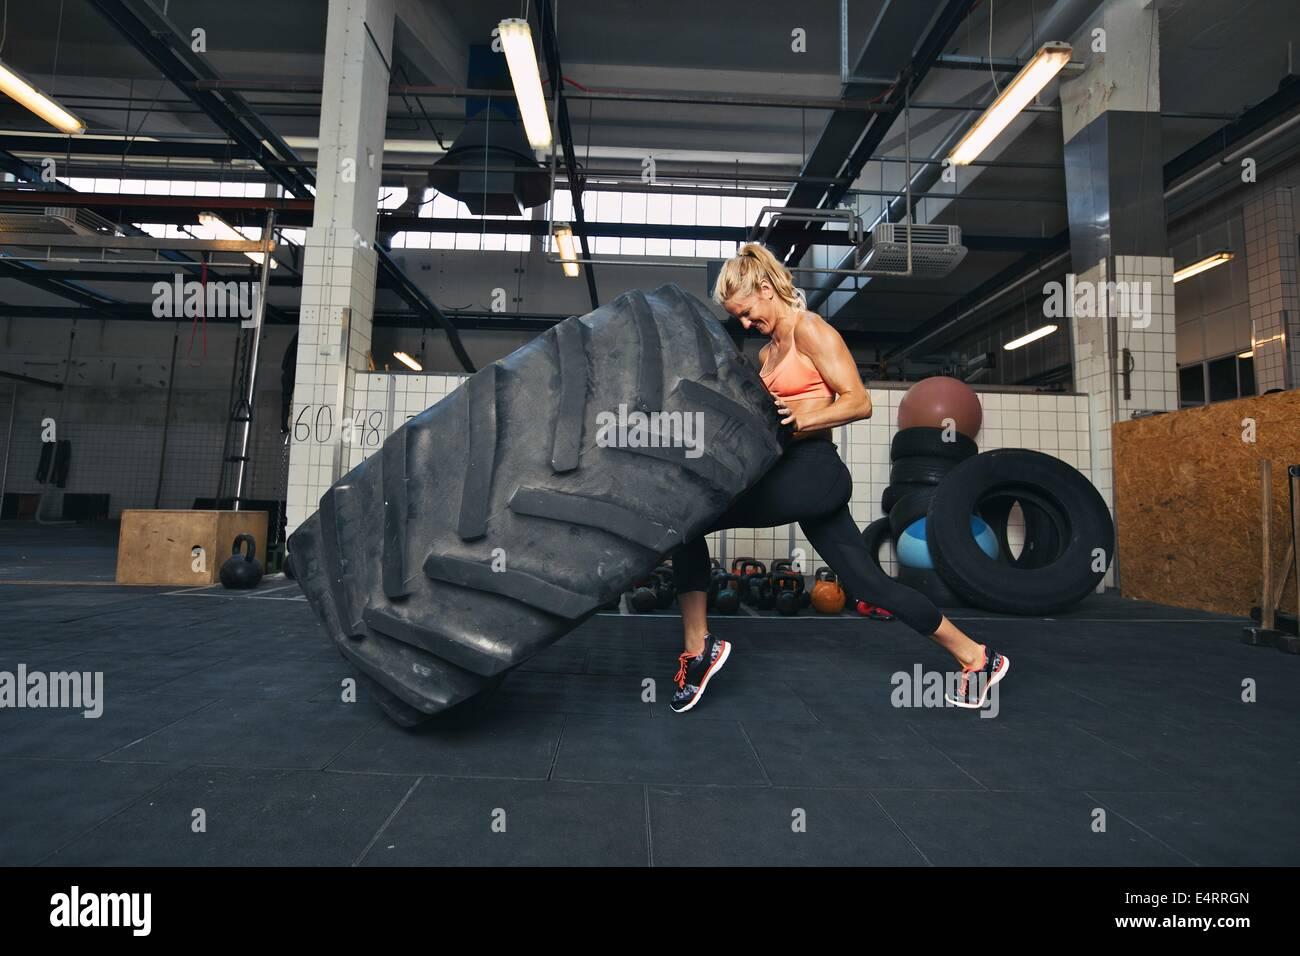 Colocar atleta femenina trabaja con un enorme neumático, girar y voltear en el gimnasio. Crossfit mujer ejercer Imagen De Stock